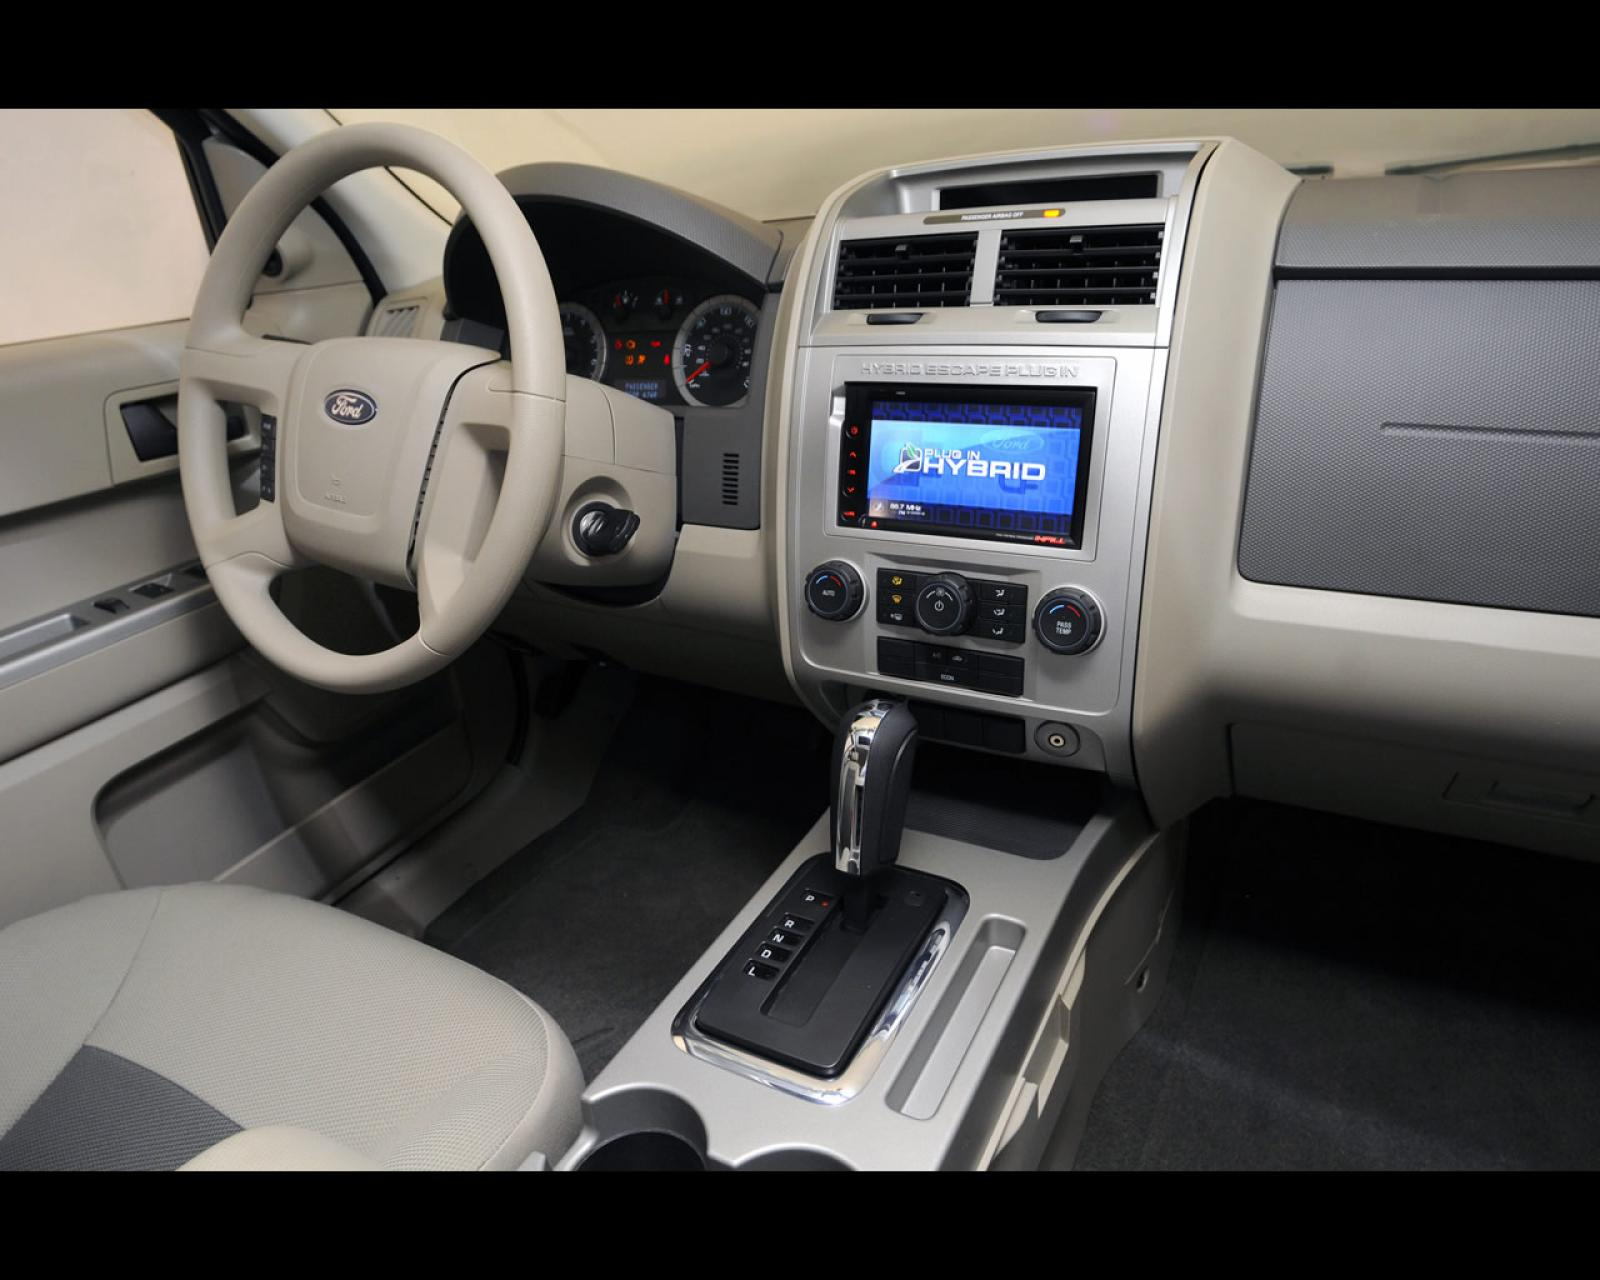 2009 Ford Escape 3